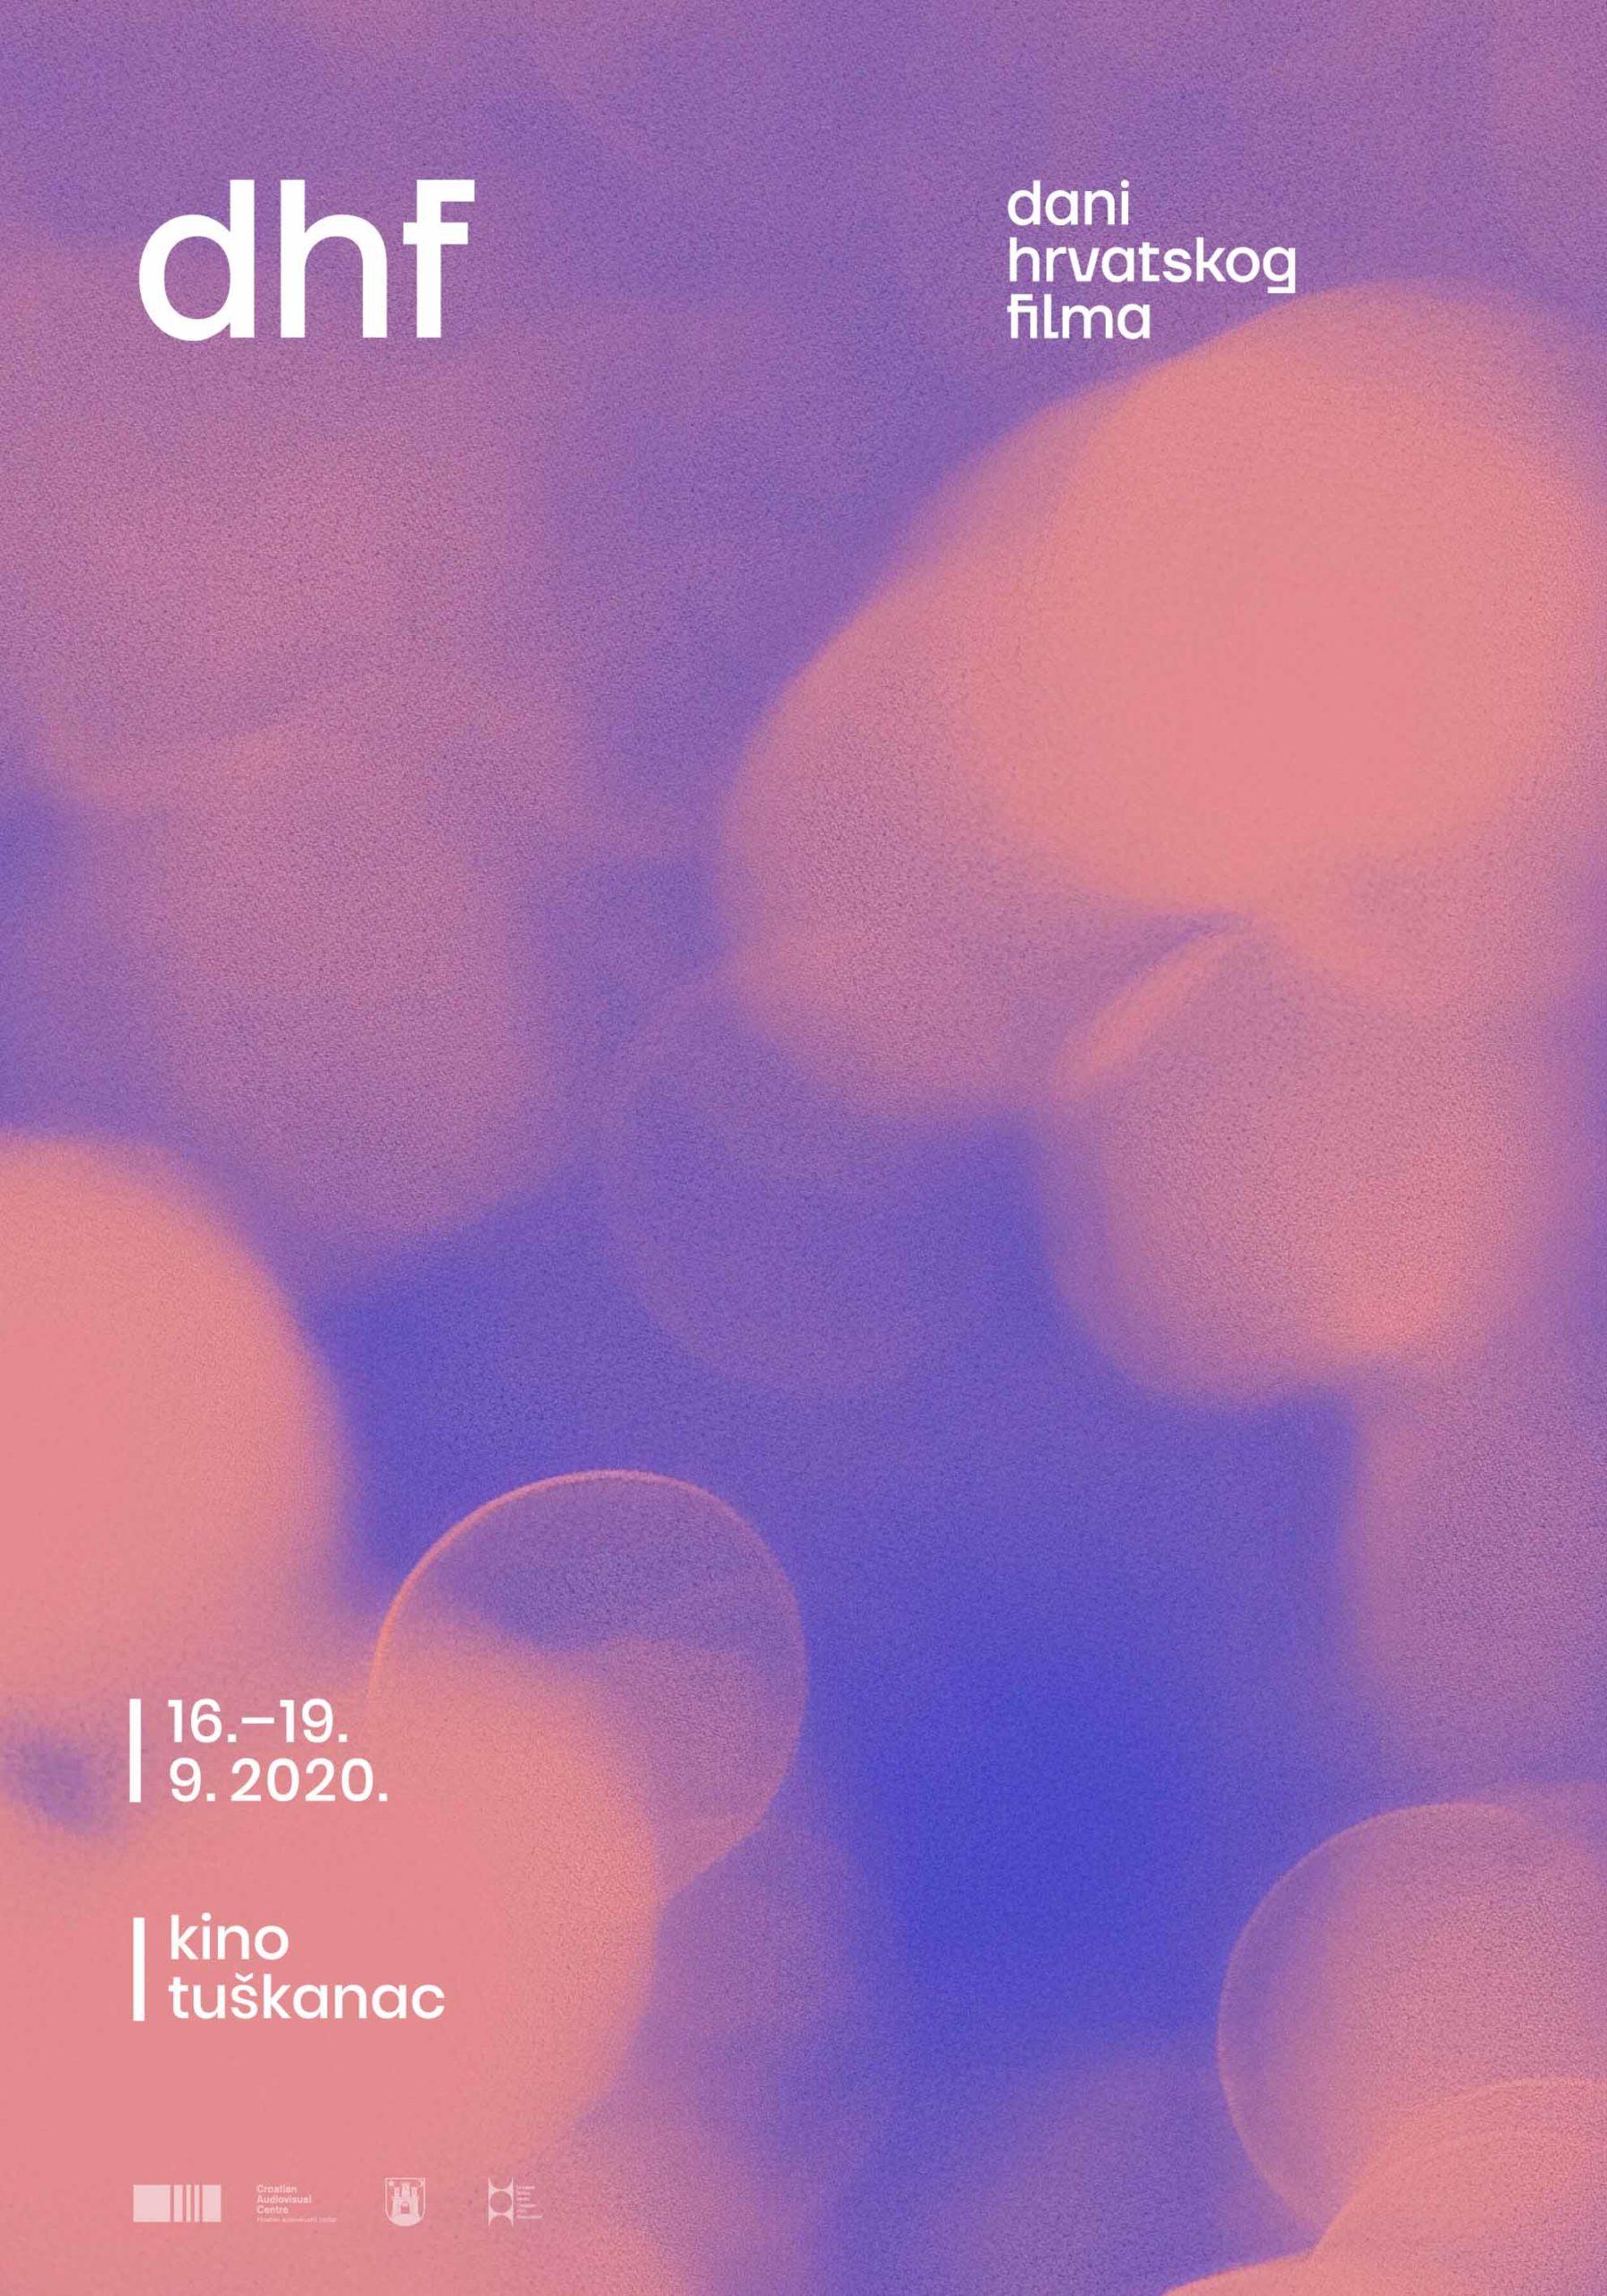 DHF_70X100cm_10_0005_DHF_70X100cm_10.9.